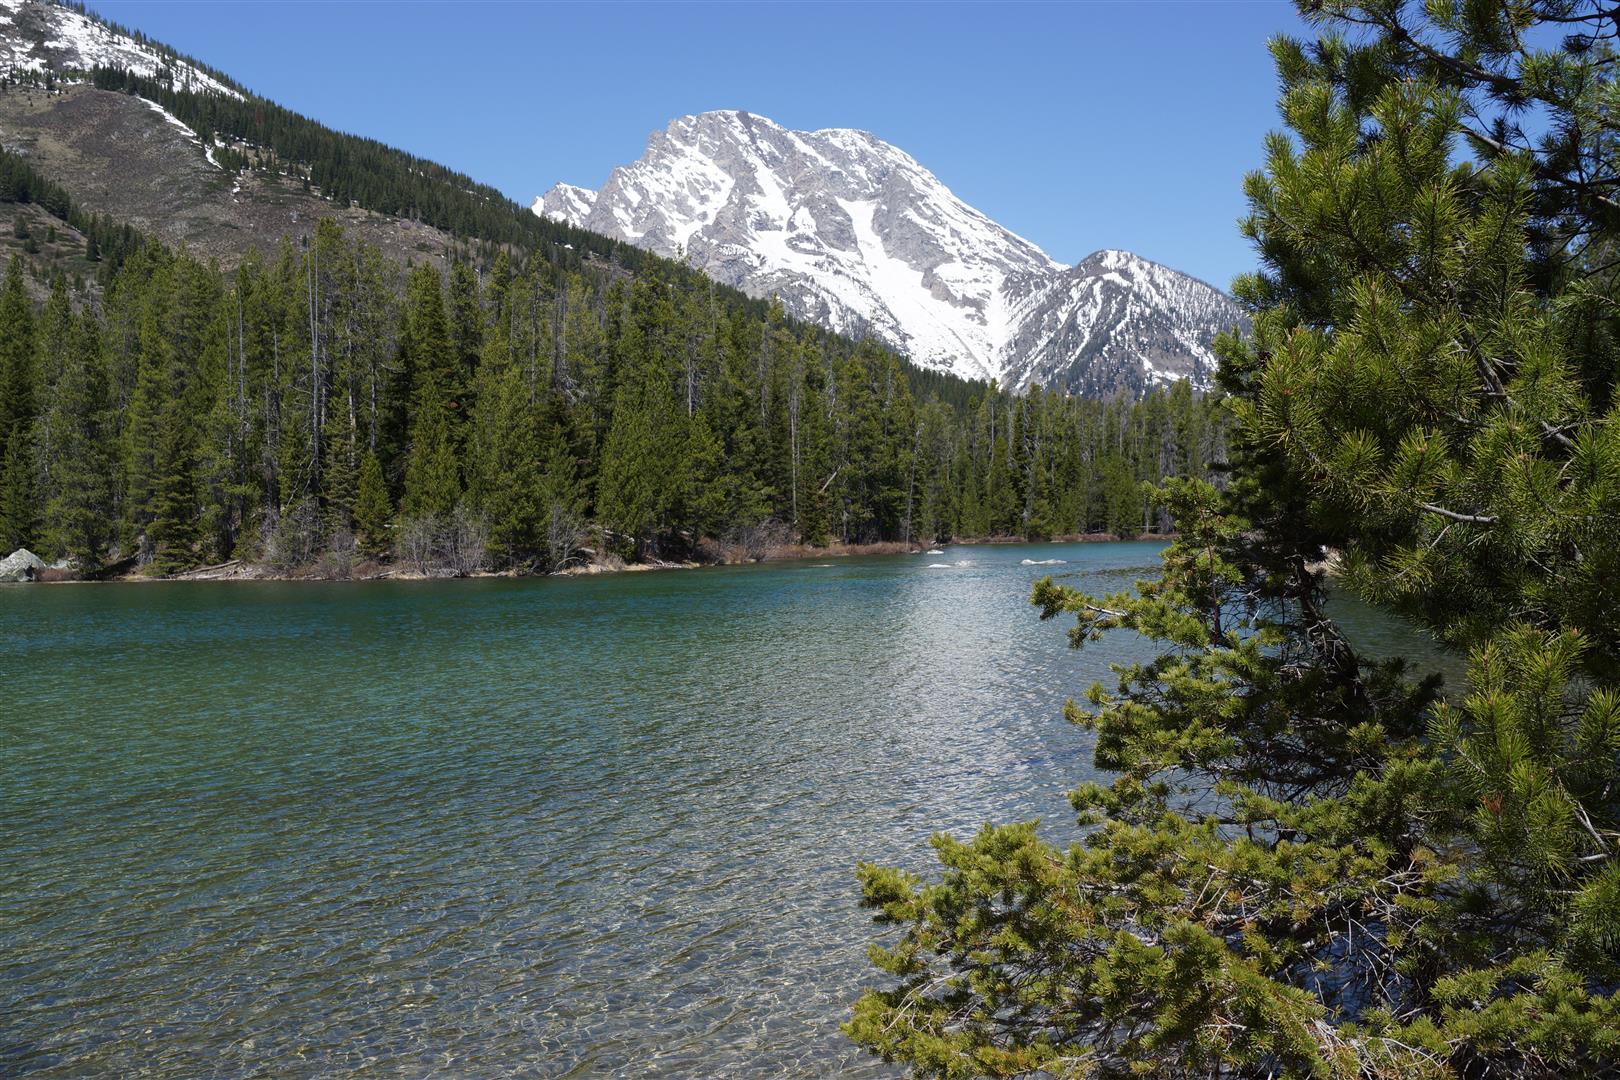 Danach kamen noch ein paar andere Seen.